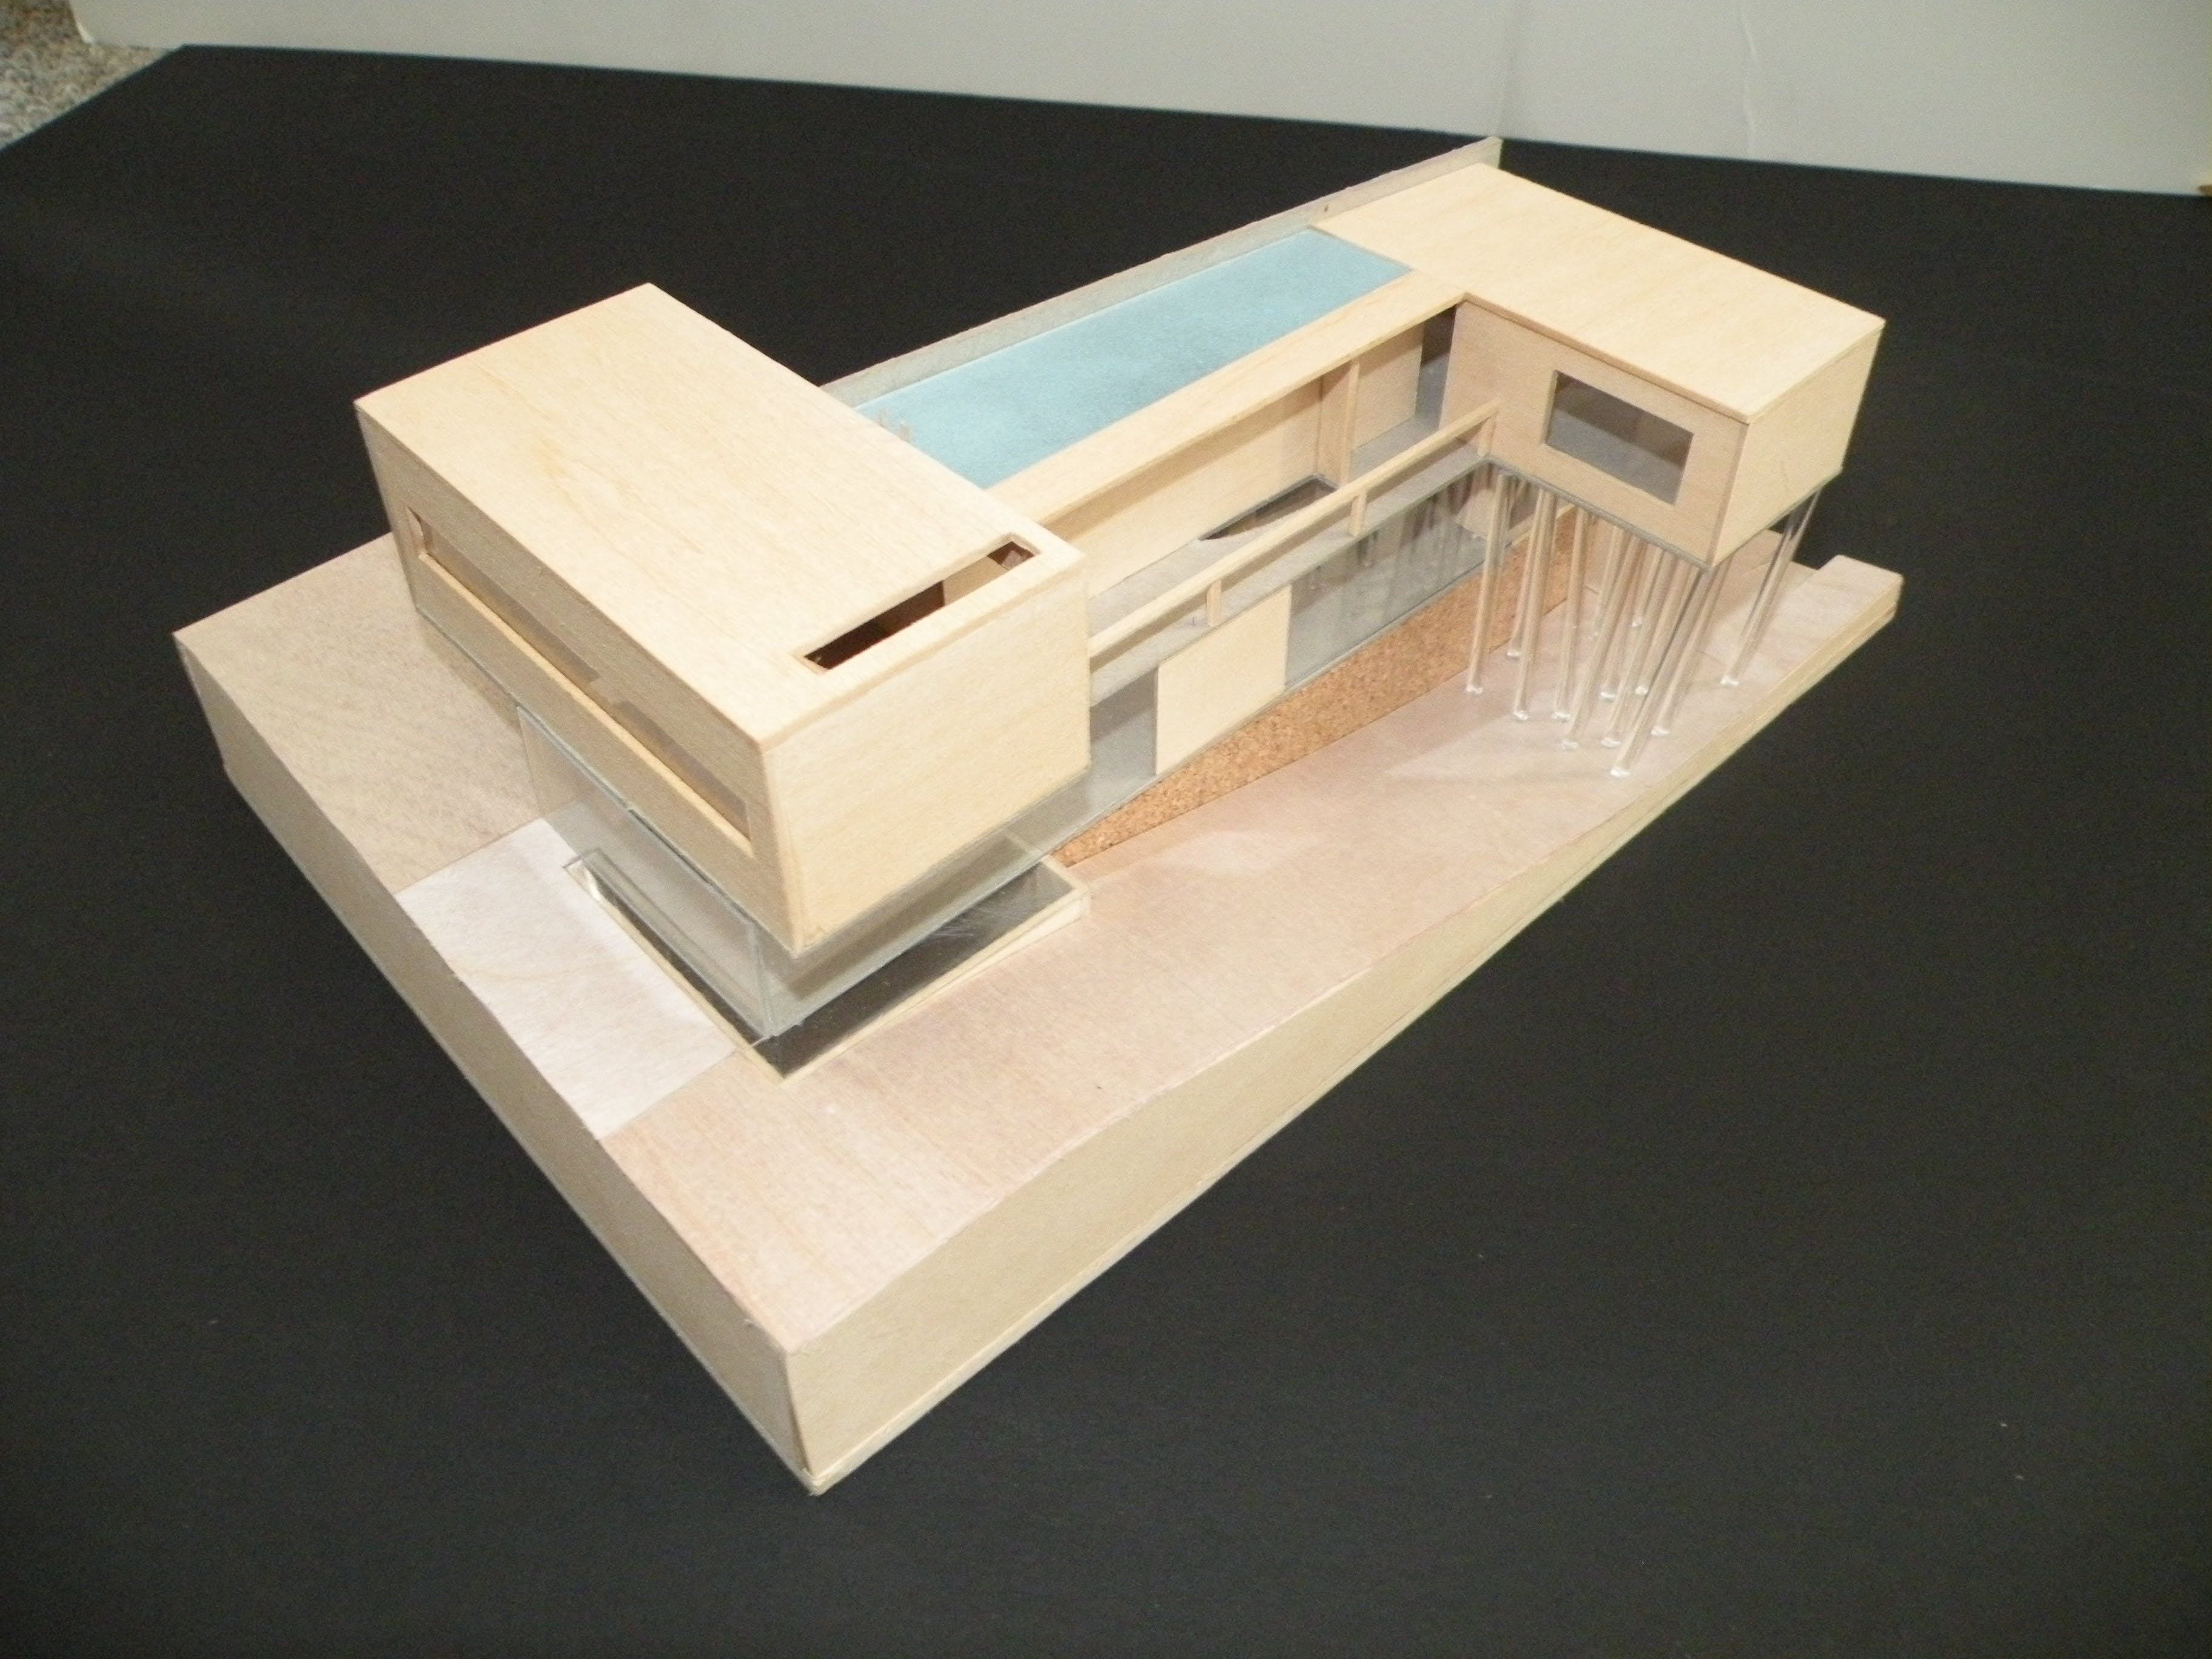 Model villa dall 39 ava justin darrow archinect for Dall ava parquet